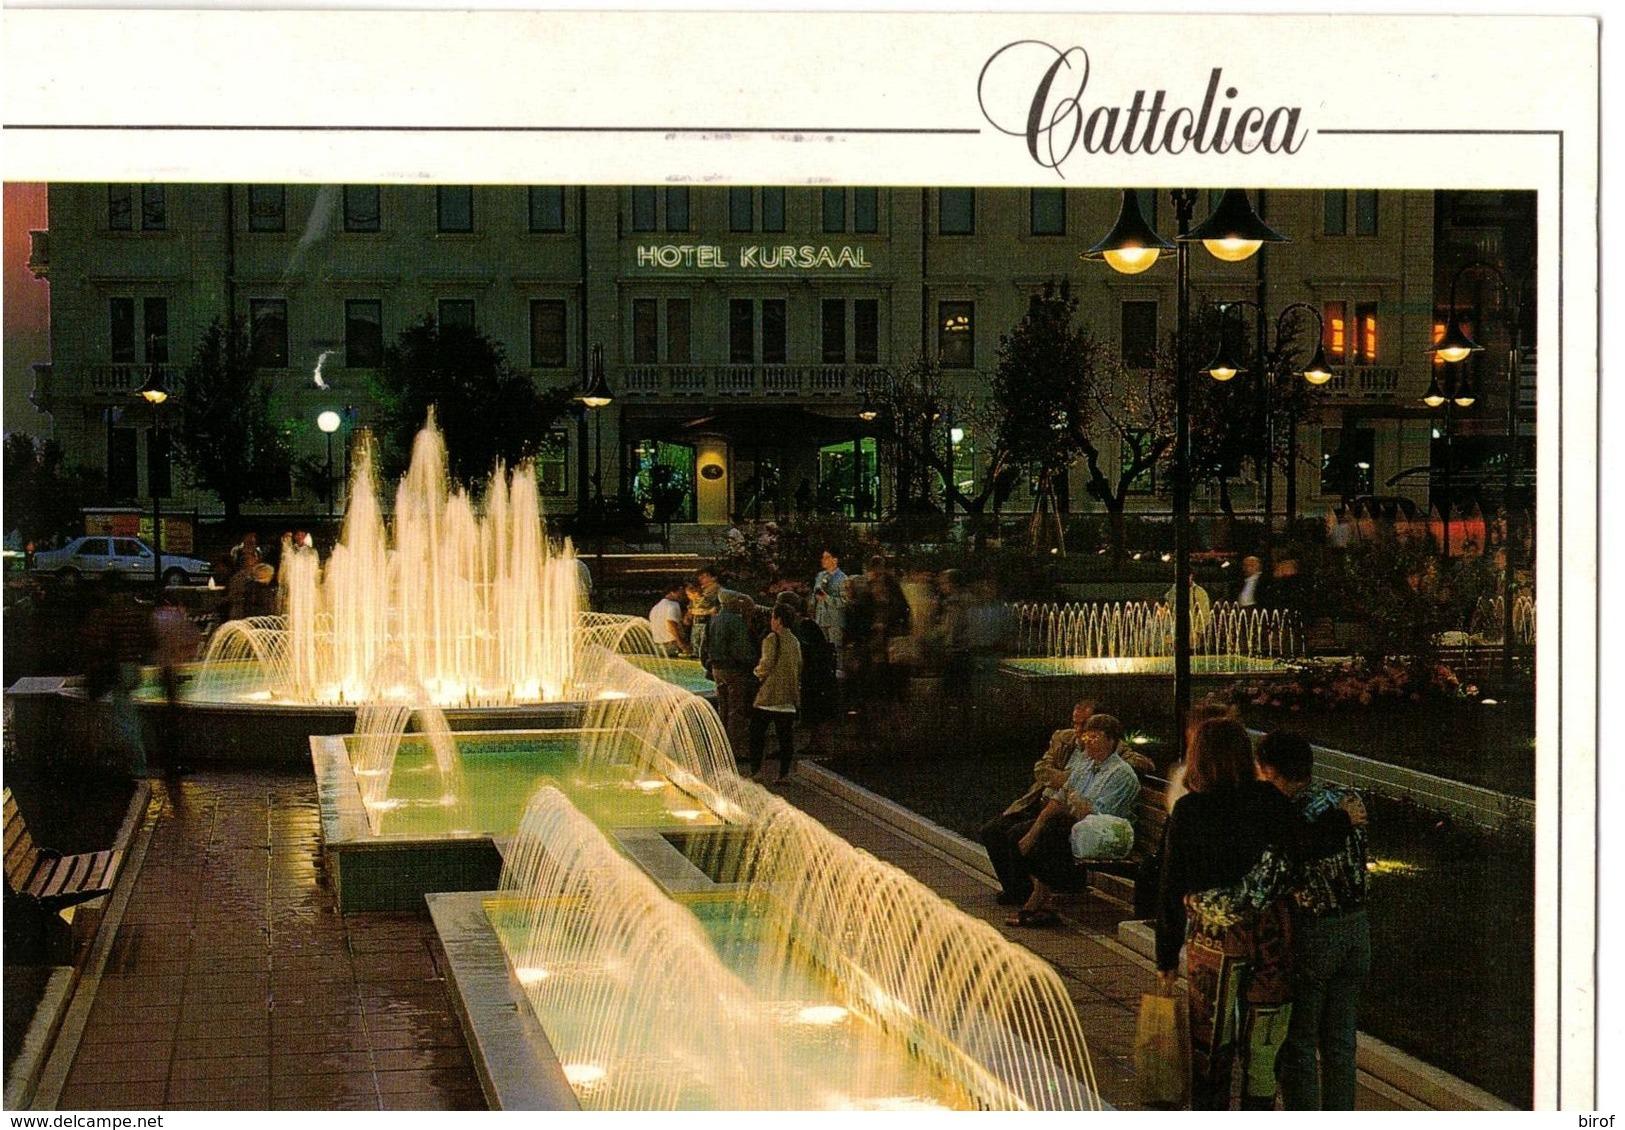 CATTOLICA - FONTANE - GIOCHI D'ACQUA  - (RN) - Rimini